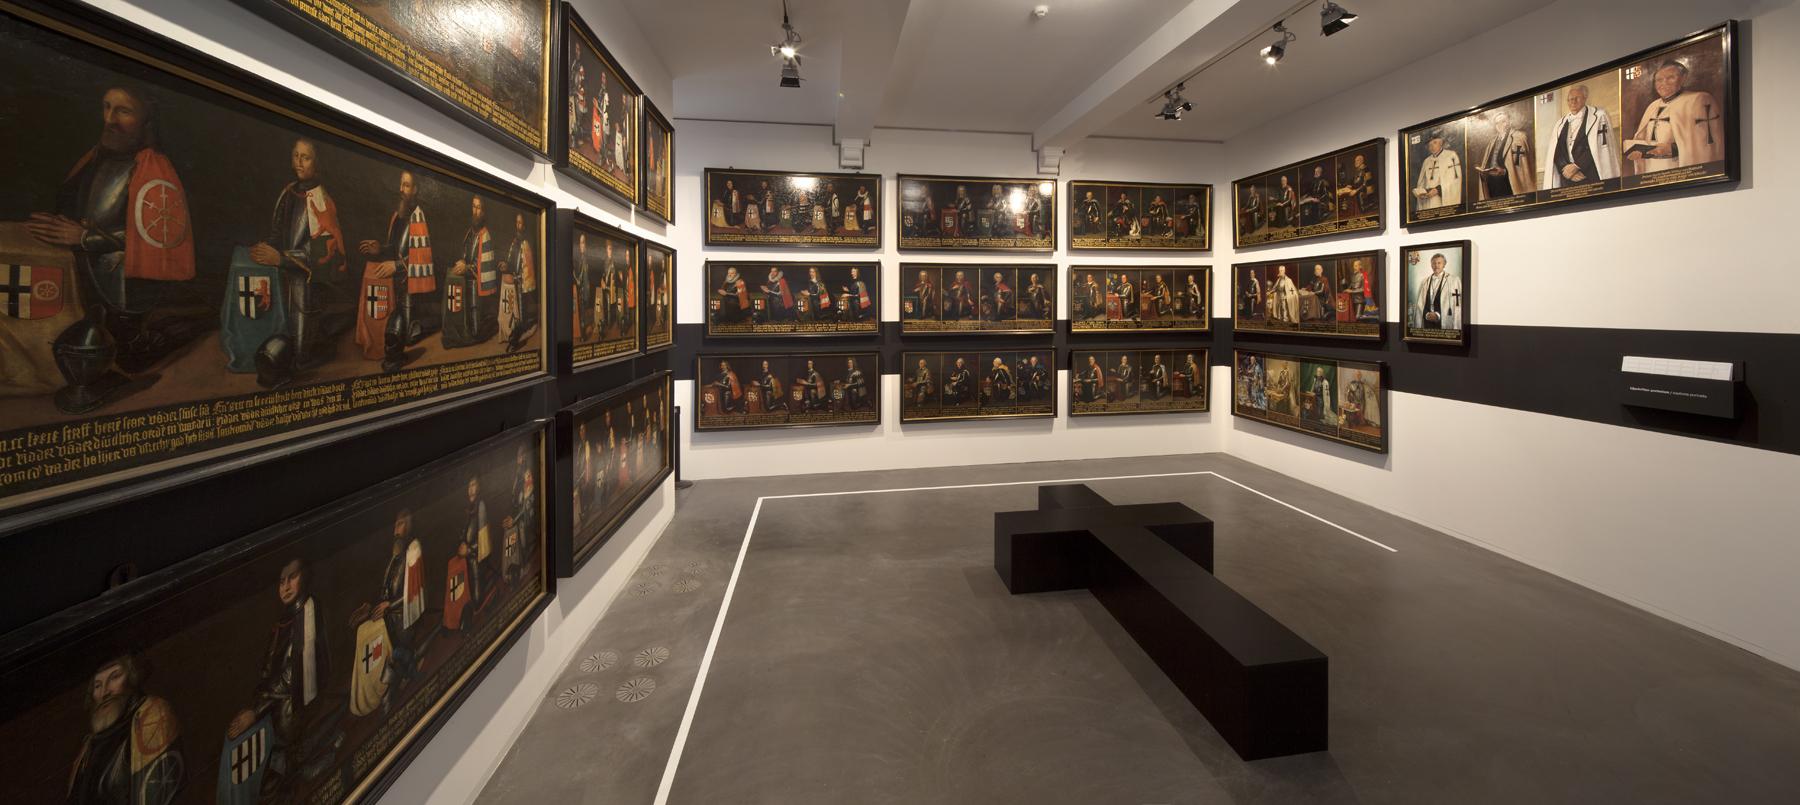 tentoonstellingsontwerp kruivaarders en weldoeners centraal museum 01 jpg